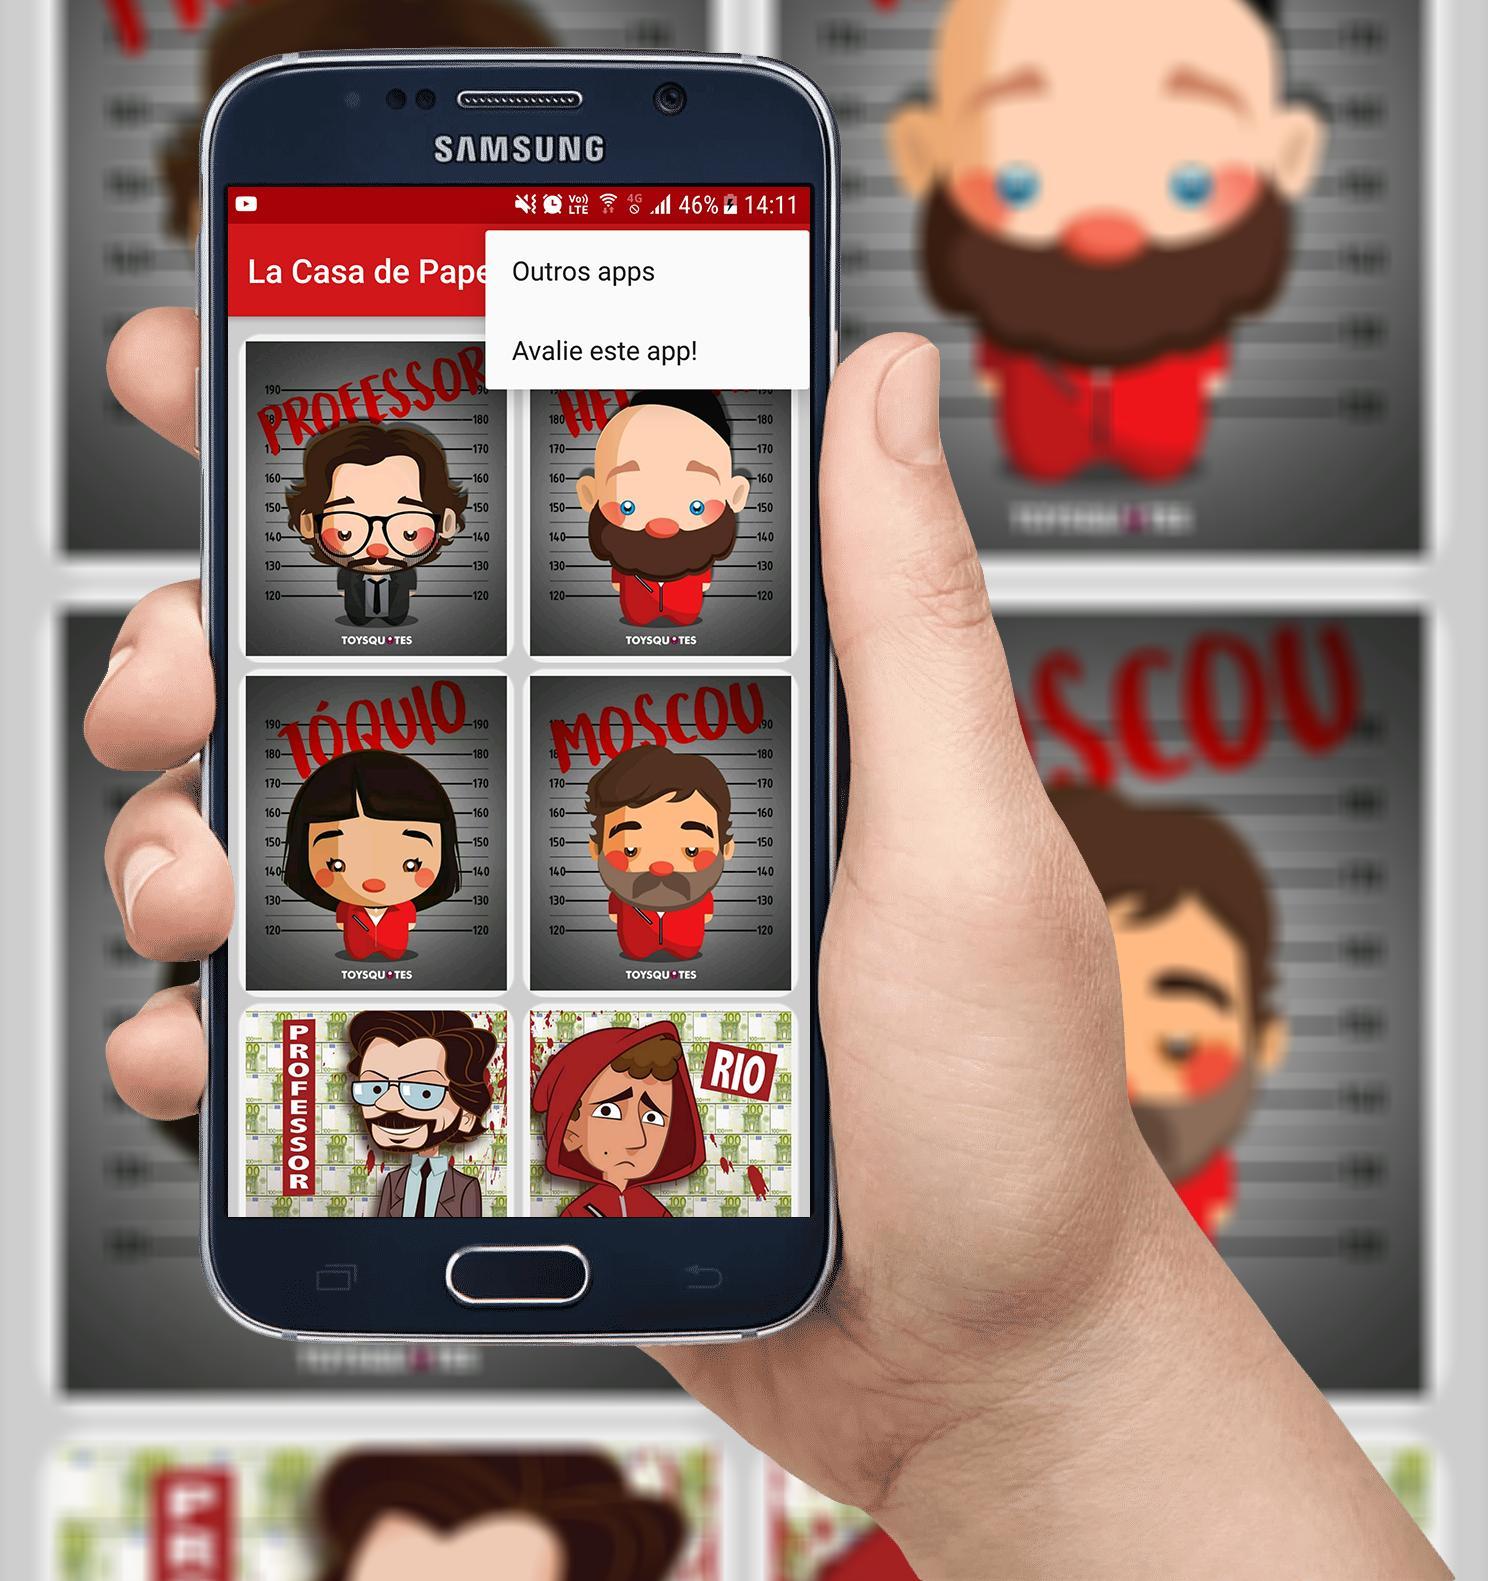 Money Heist La Casa de Papel - Mobile Wallpapers for Android - APK